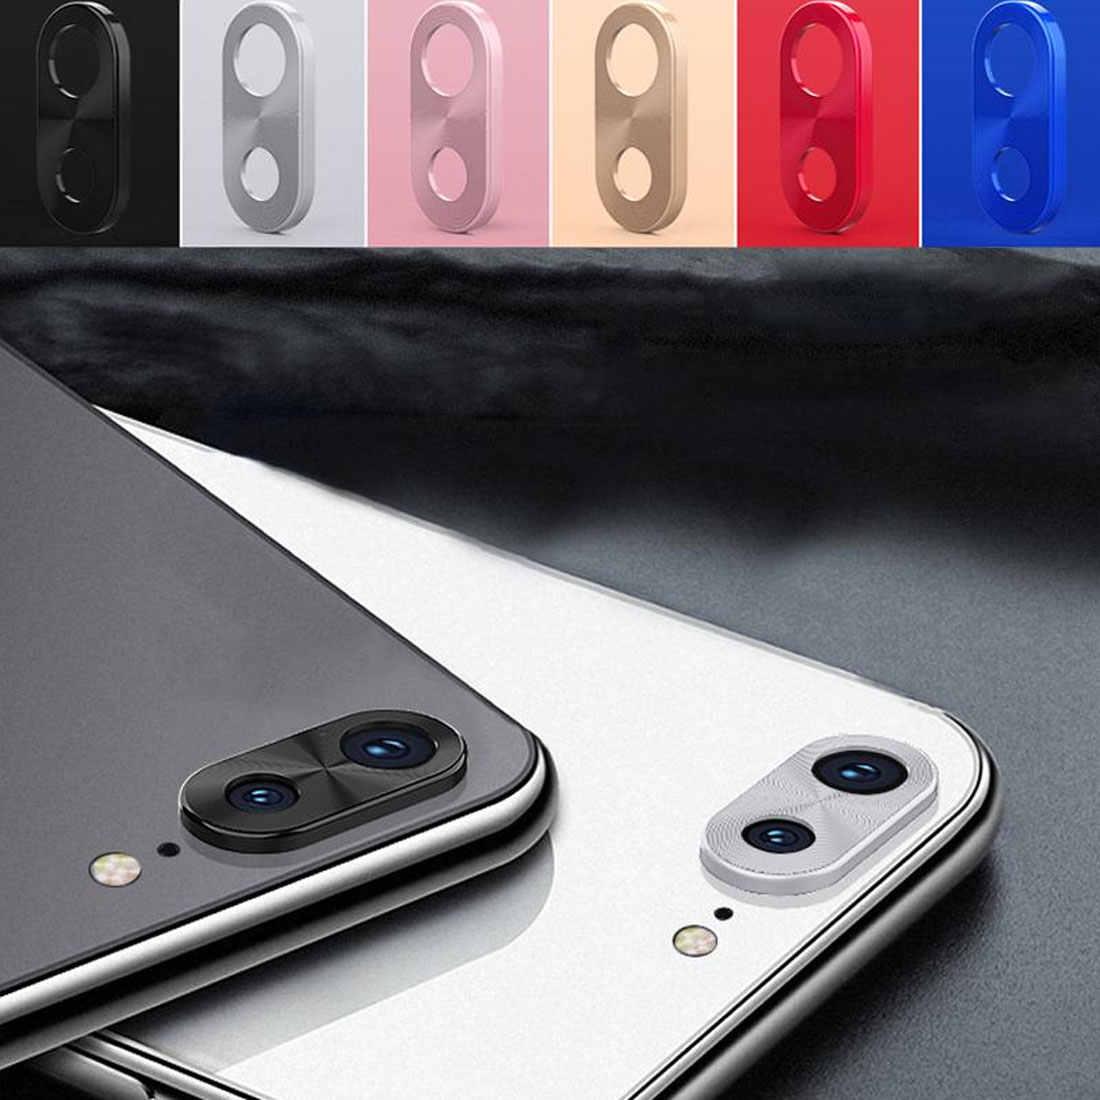 Pelindung Lensa Kamera Ring Plating Aluminium untuk Xiaomi Redmi 7 Dicatat 7 7Pro Kamera Case Cover Cincin Perlindungan Pelindung Mewah